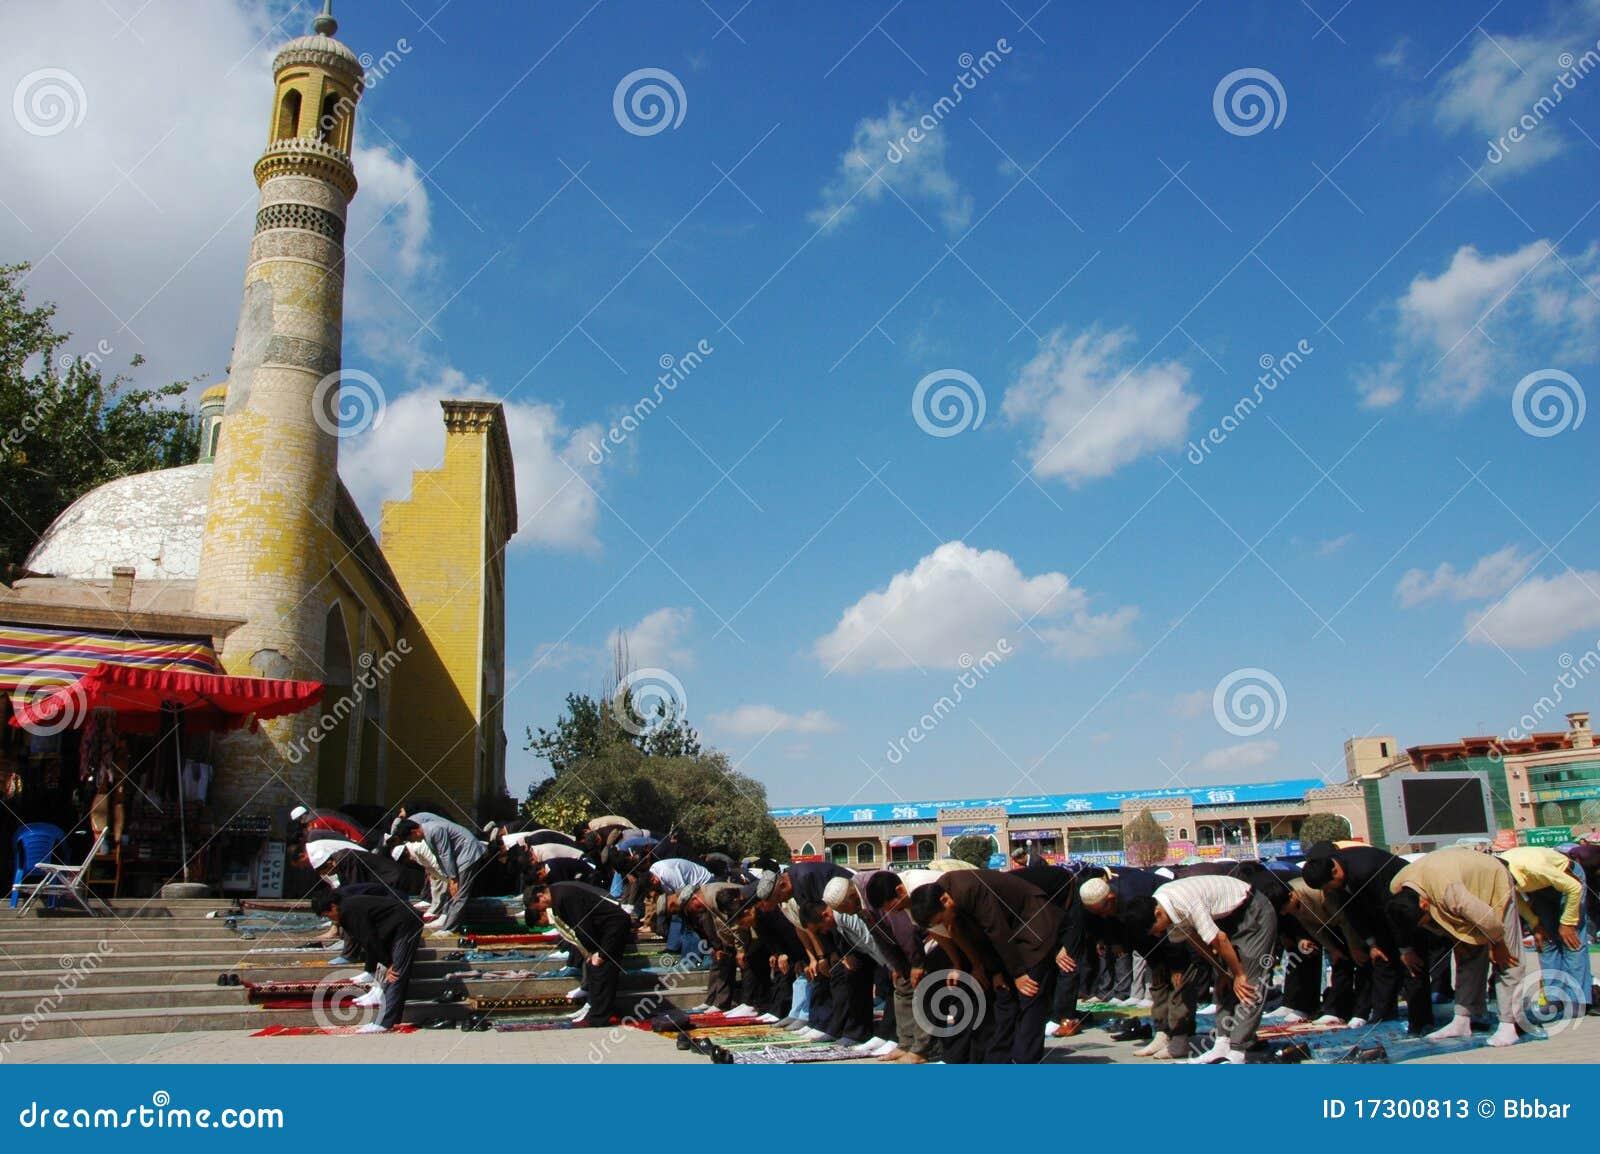 Moslim worshipers